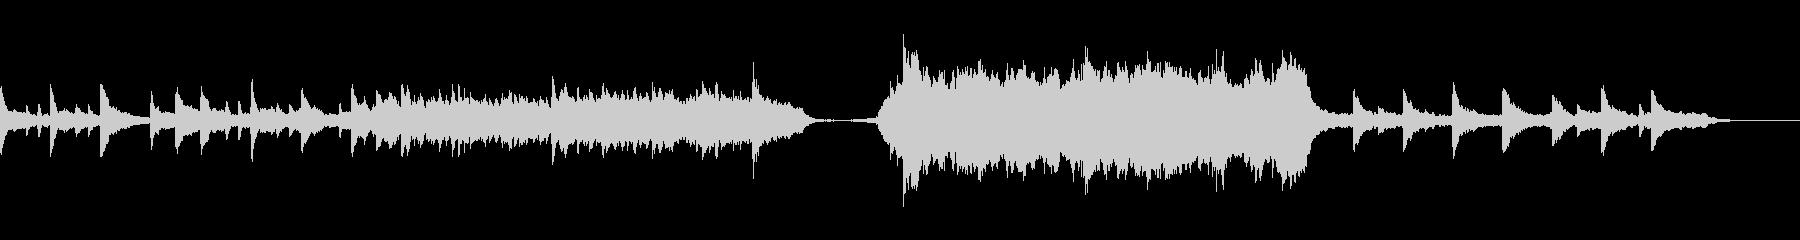 感動するシーンで使えるピアノとオーケストの未再生の波形